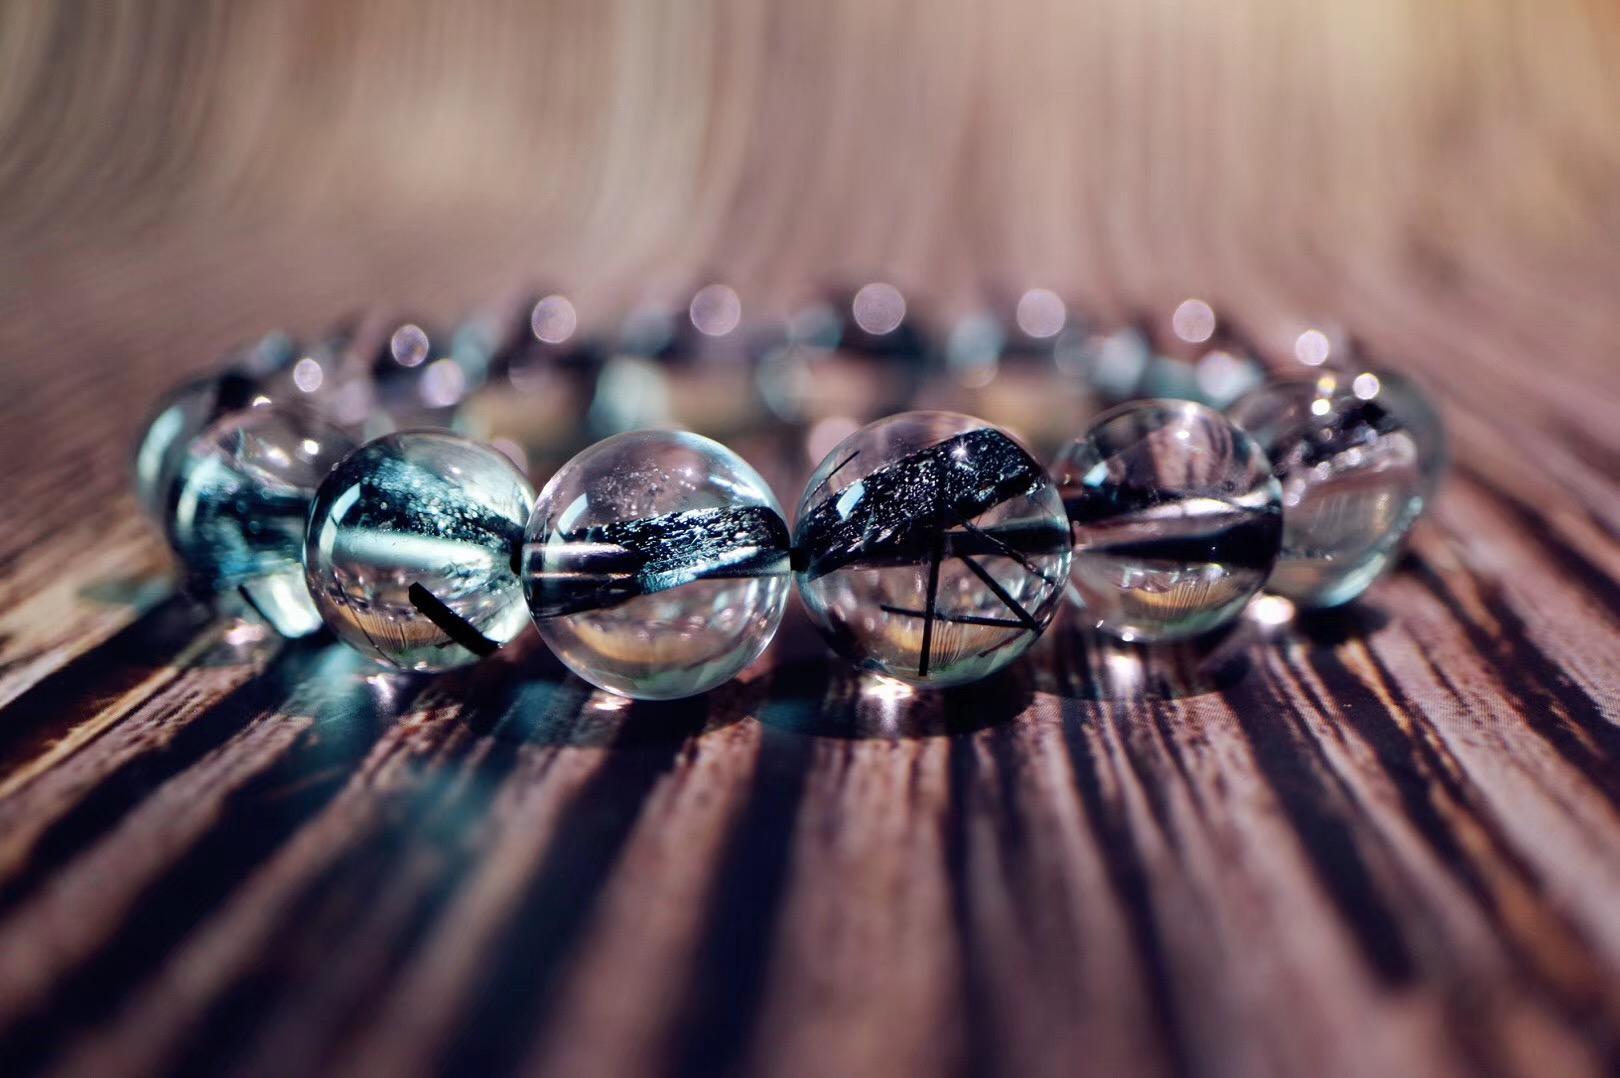 【炫酷黑发晶】黑发晶以消除负性能量著称,佩戴可以消除身上不良浊气-菩心晶舍